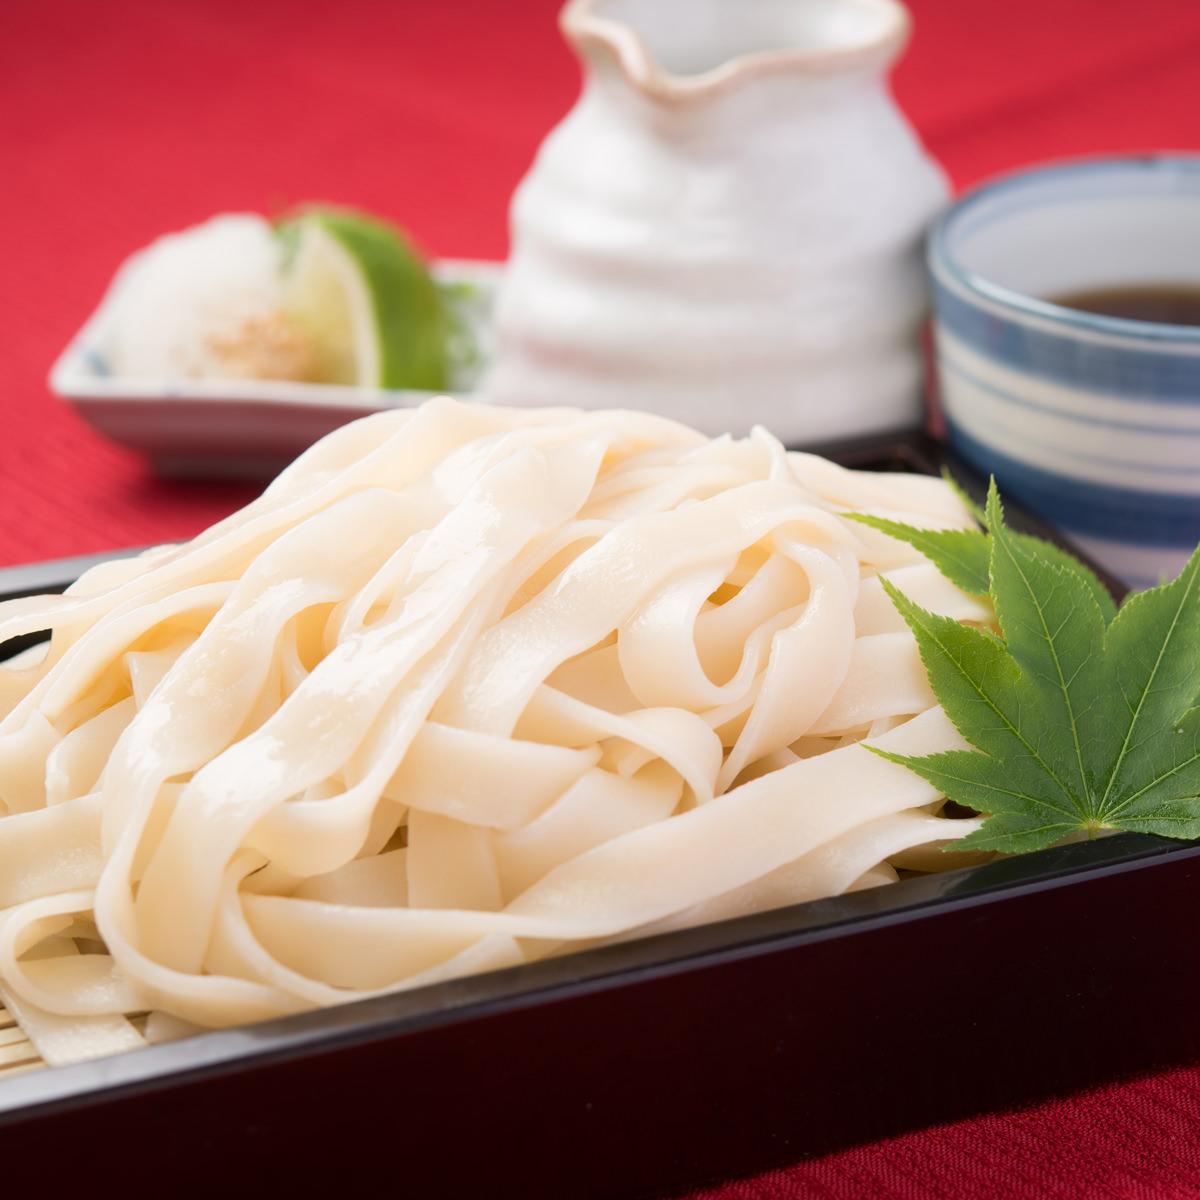 平切麺 讃岐うどん 6食 つゆ付〔麺300g×2・つゆ10ml×6〕